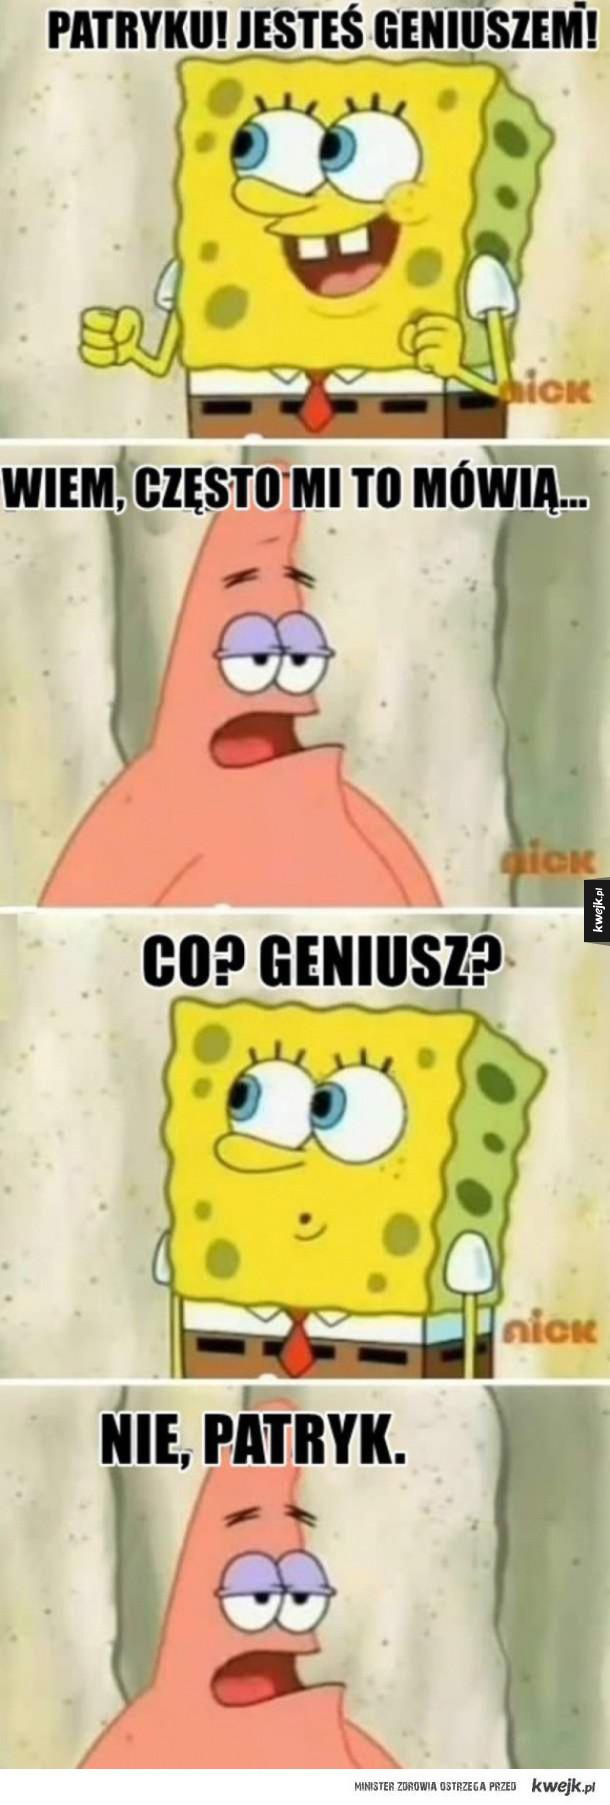 jesteś geniuszem